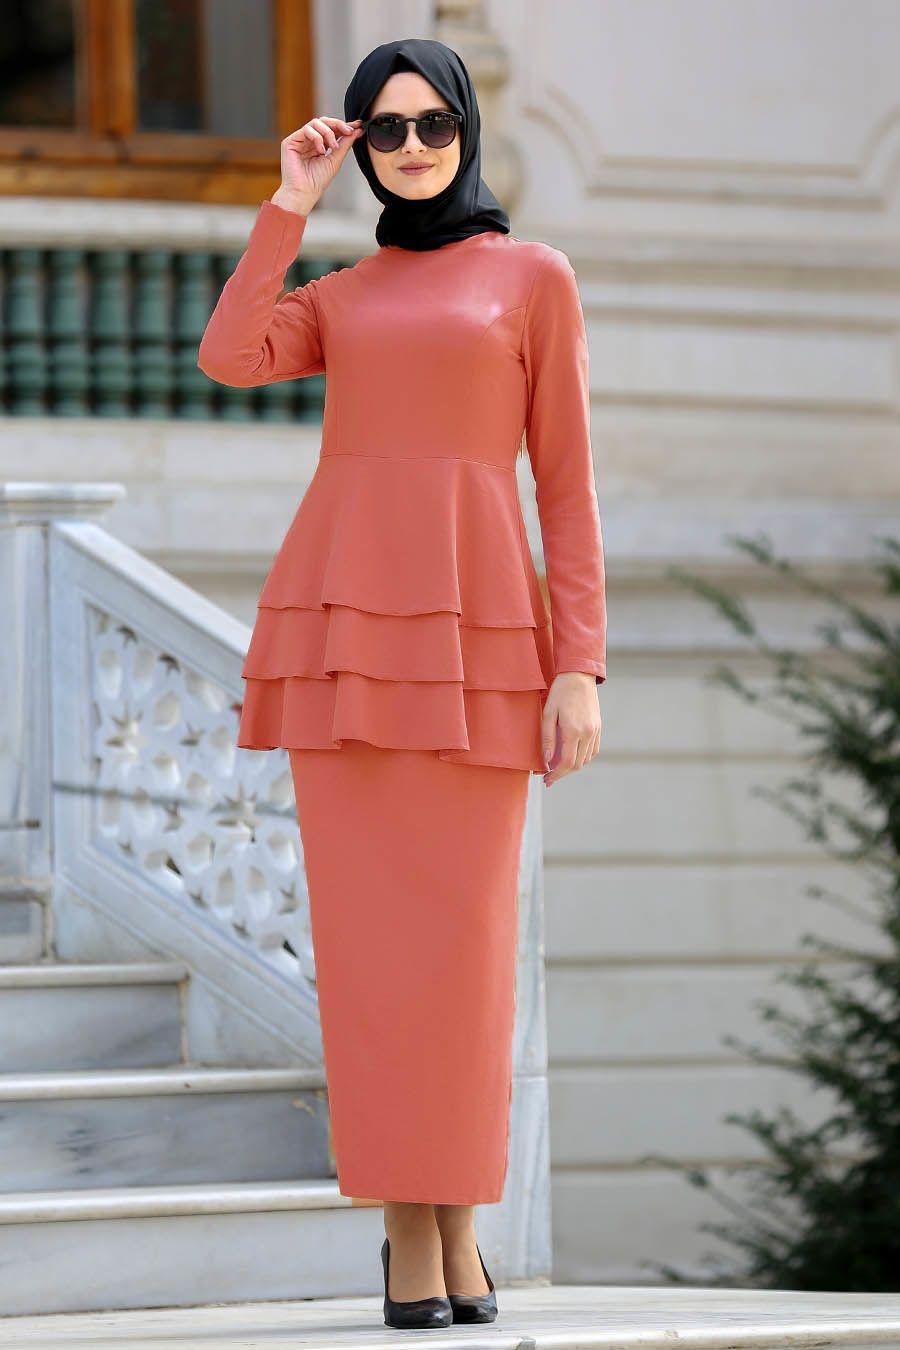 Neva Style Koyu Somon Peplum Bluz Etek Tesettur Takim 42050ksmn Tesetturisland Com Moda Stilleri Peplum The Dress